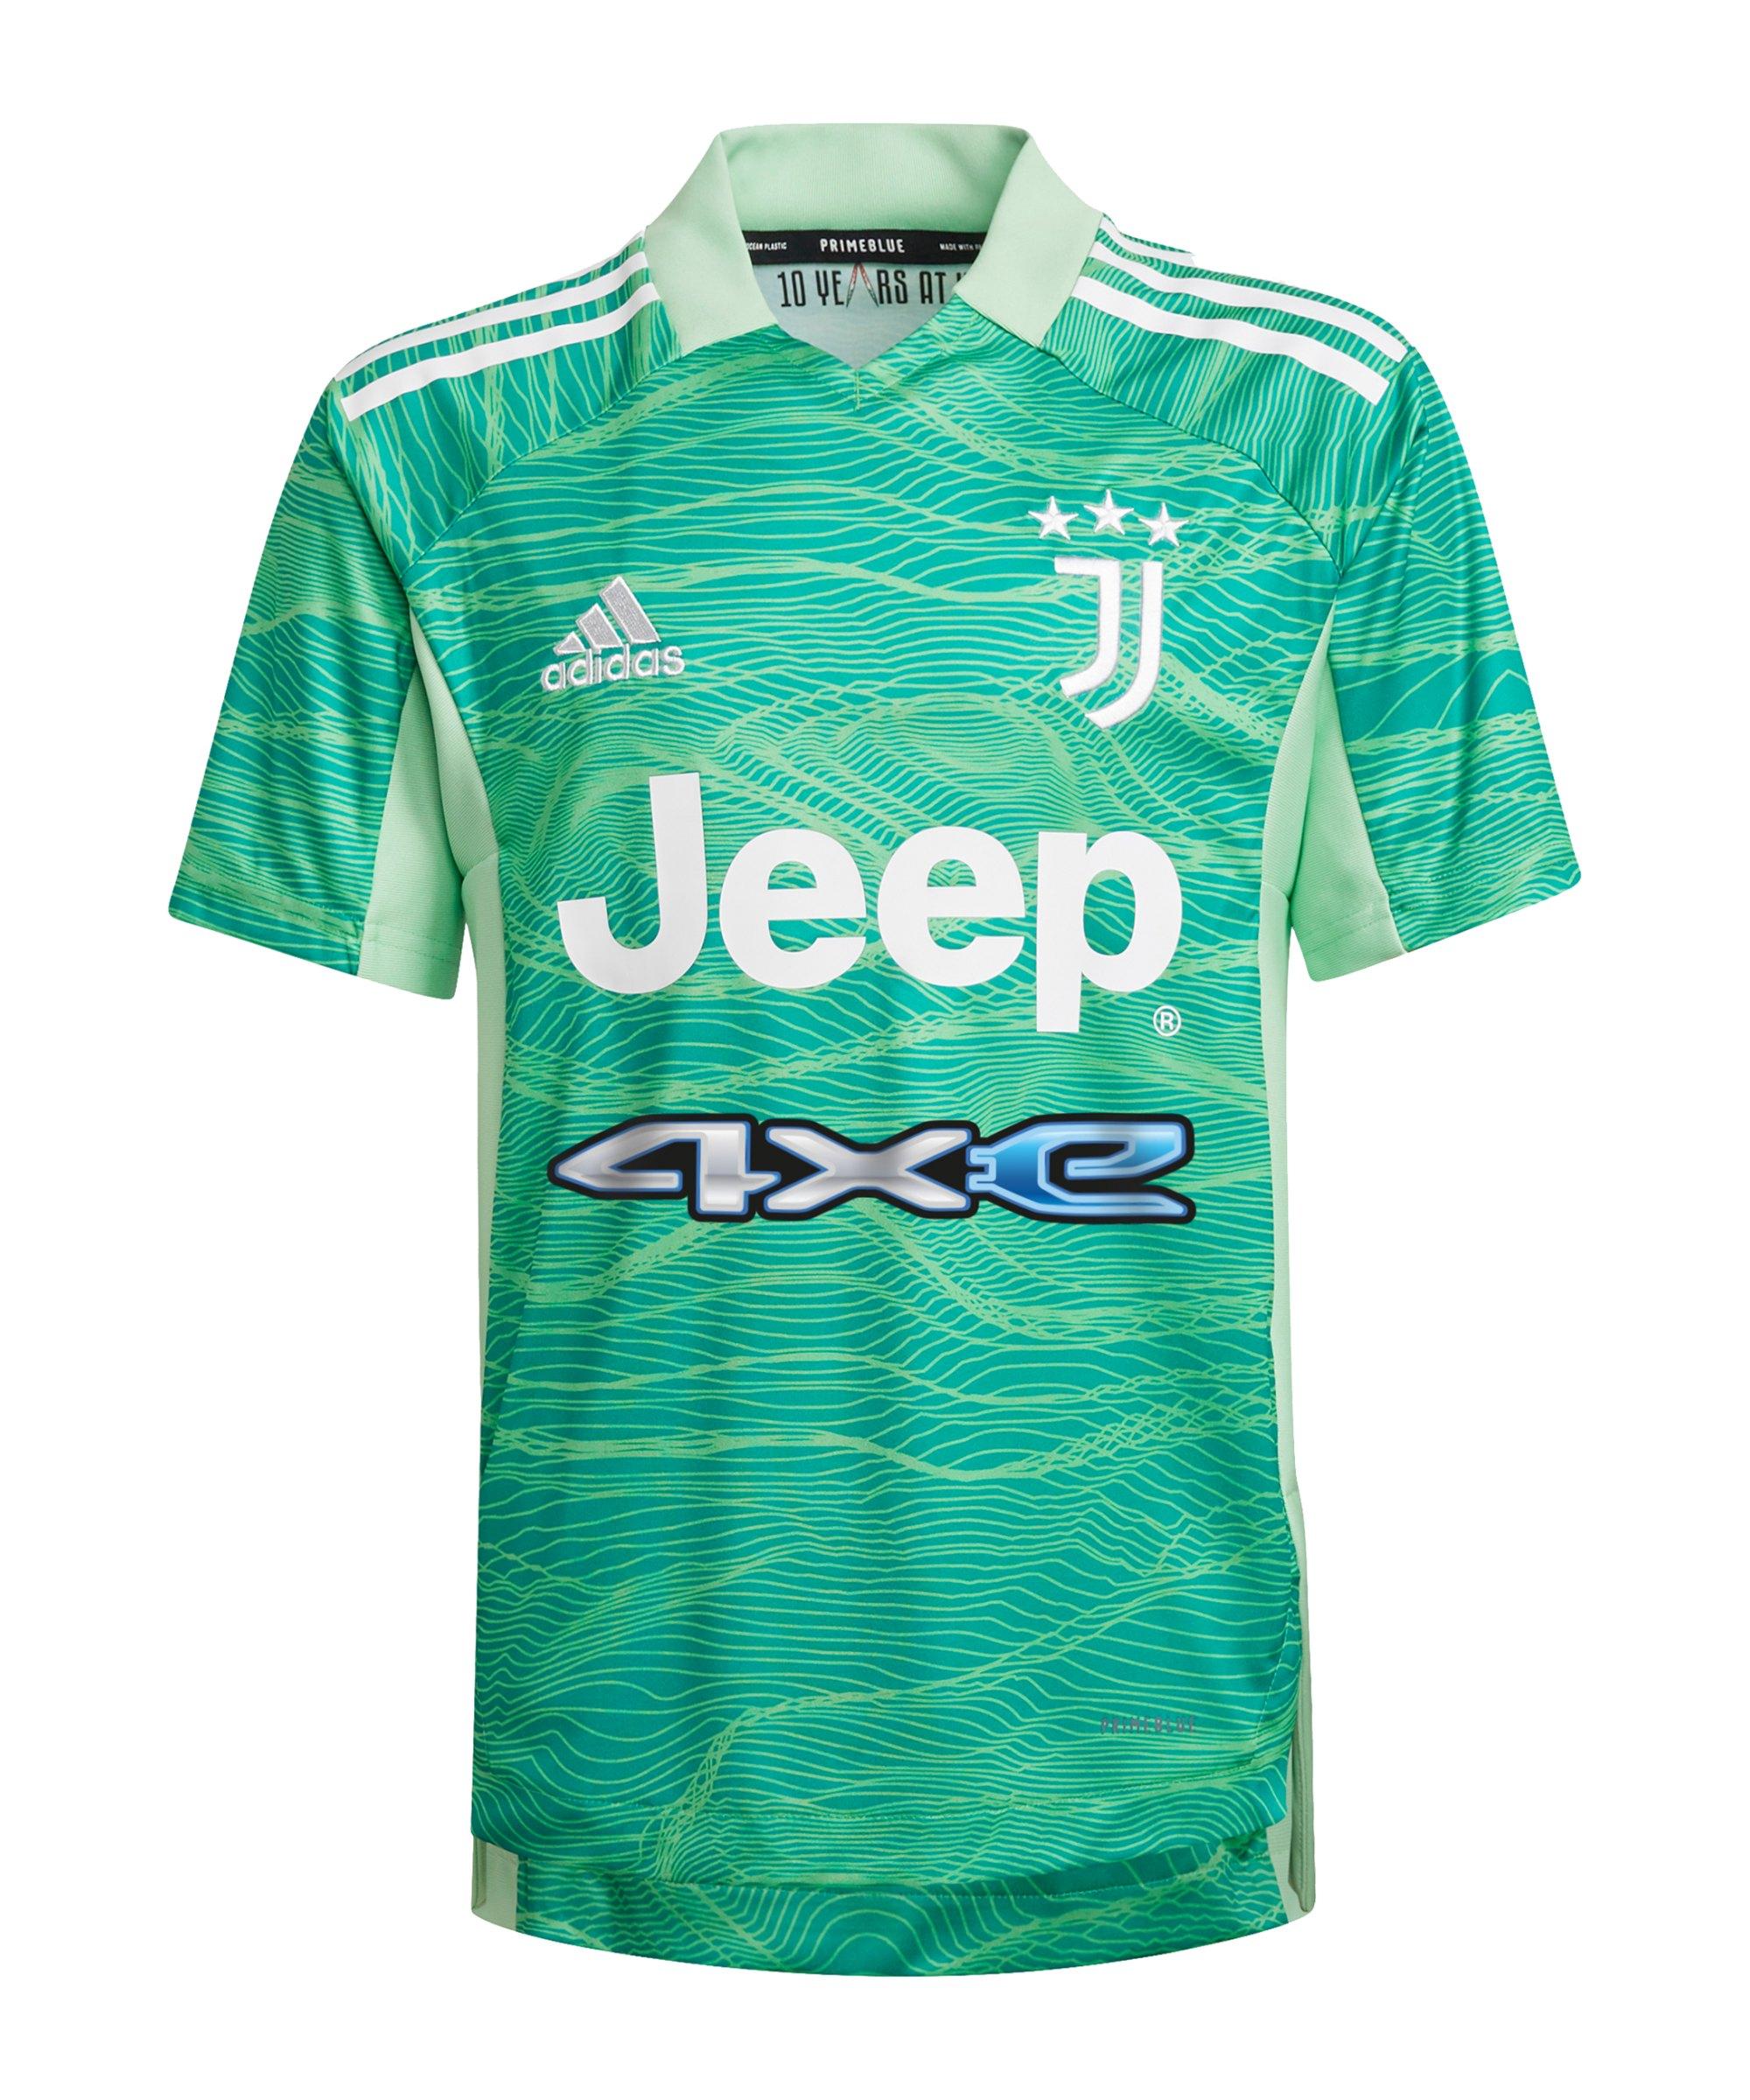 adidas Juventus Turin TW-Trikot 2021/2022 Kids Grün - gruen